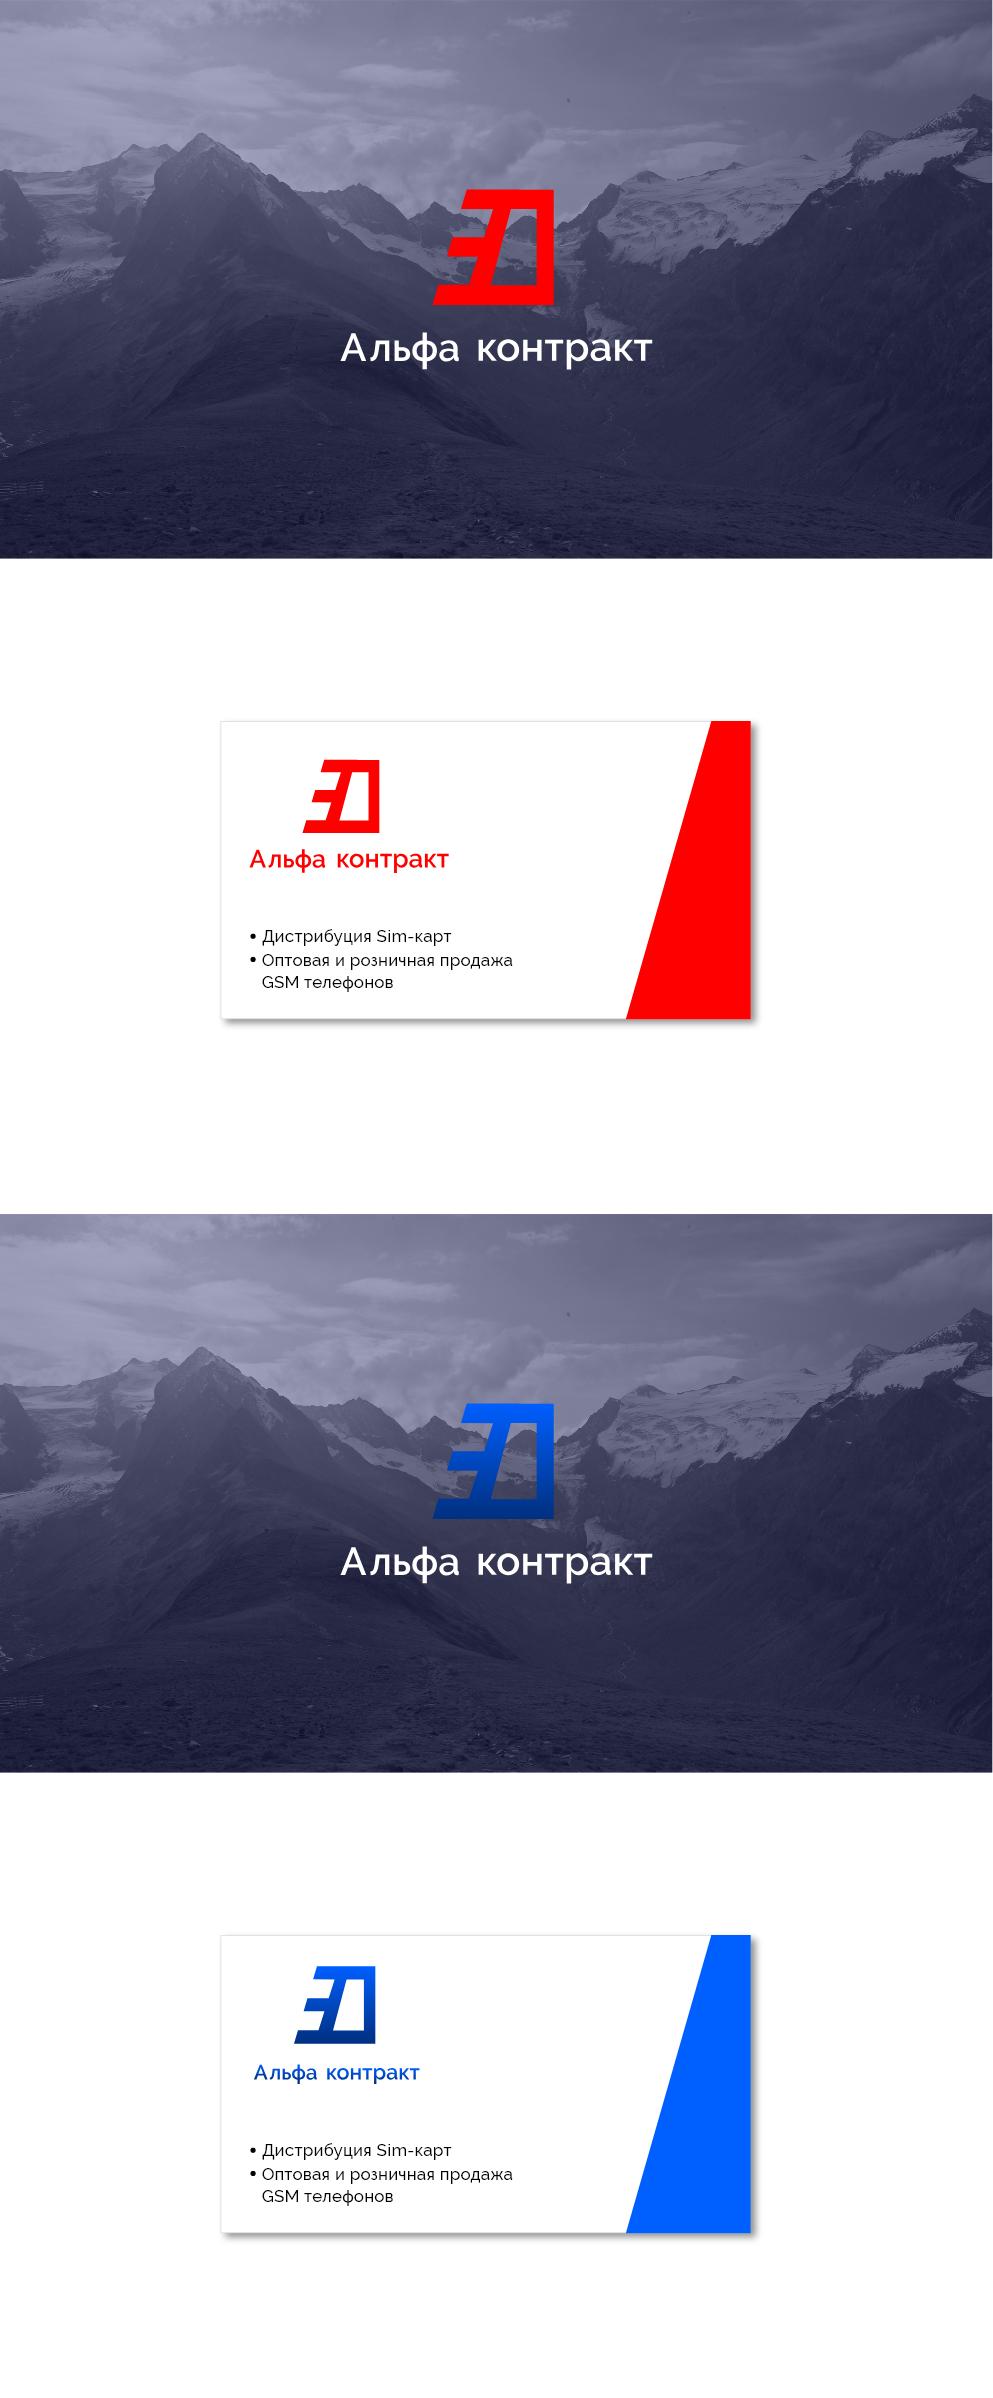 Дизайнер для разработки логотипа компании фото f_5575bfb2d3bcab56.png